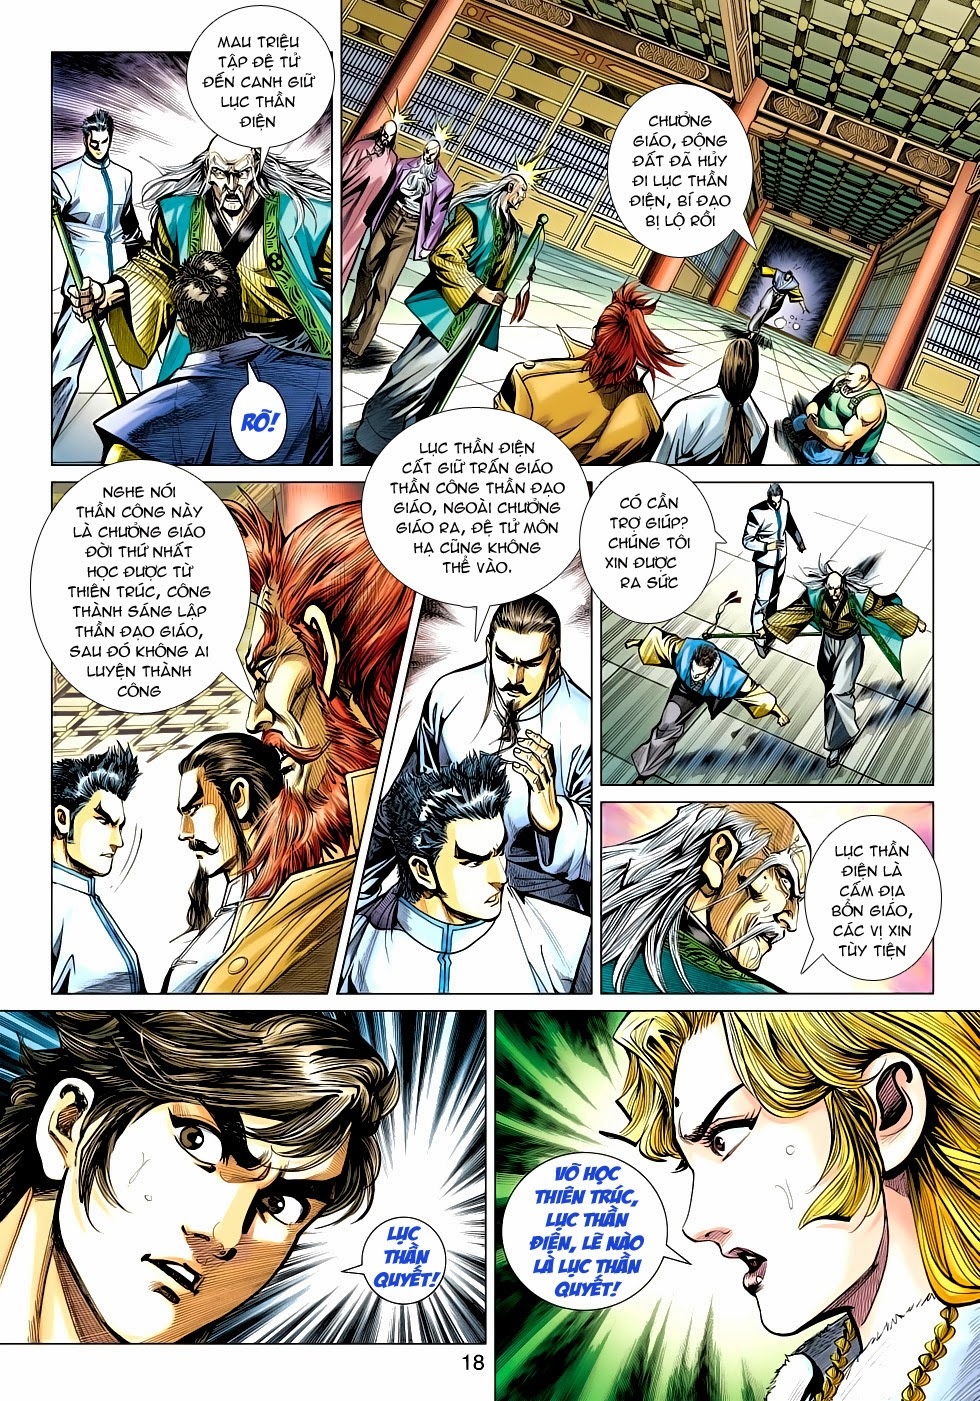 Tân Tác Long Hổ Môn trang 18